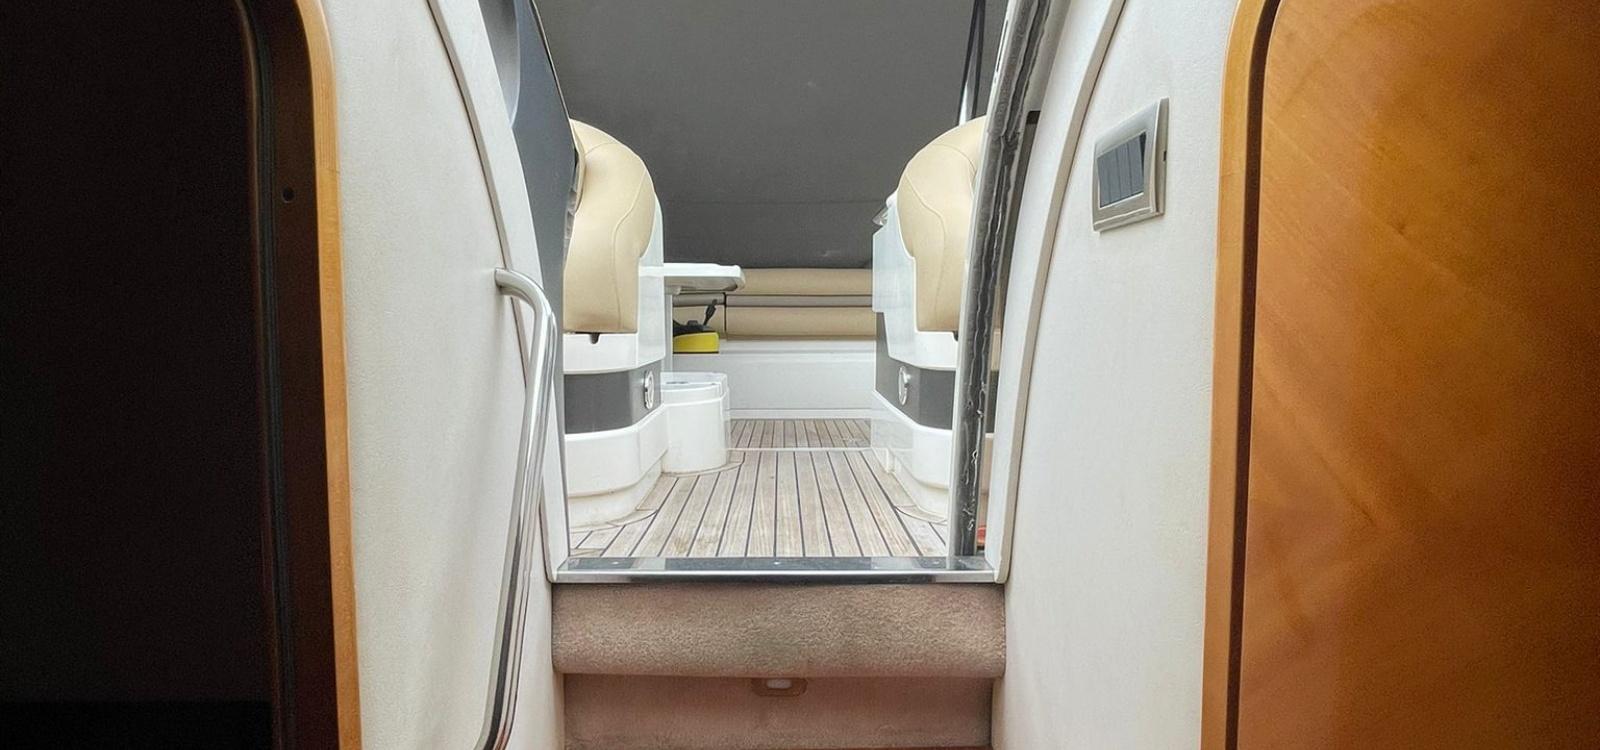 El Masnou,Barcelona,España,3 Habitaciones Habitaciones,2 LavabosLavabos,Barco a motor,1113